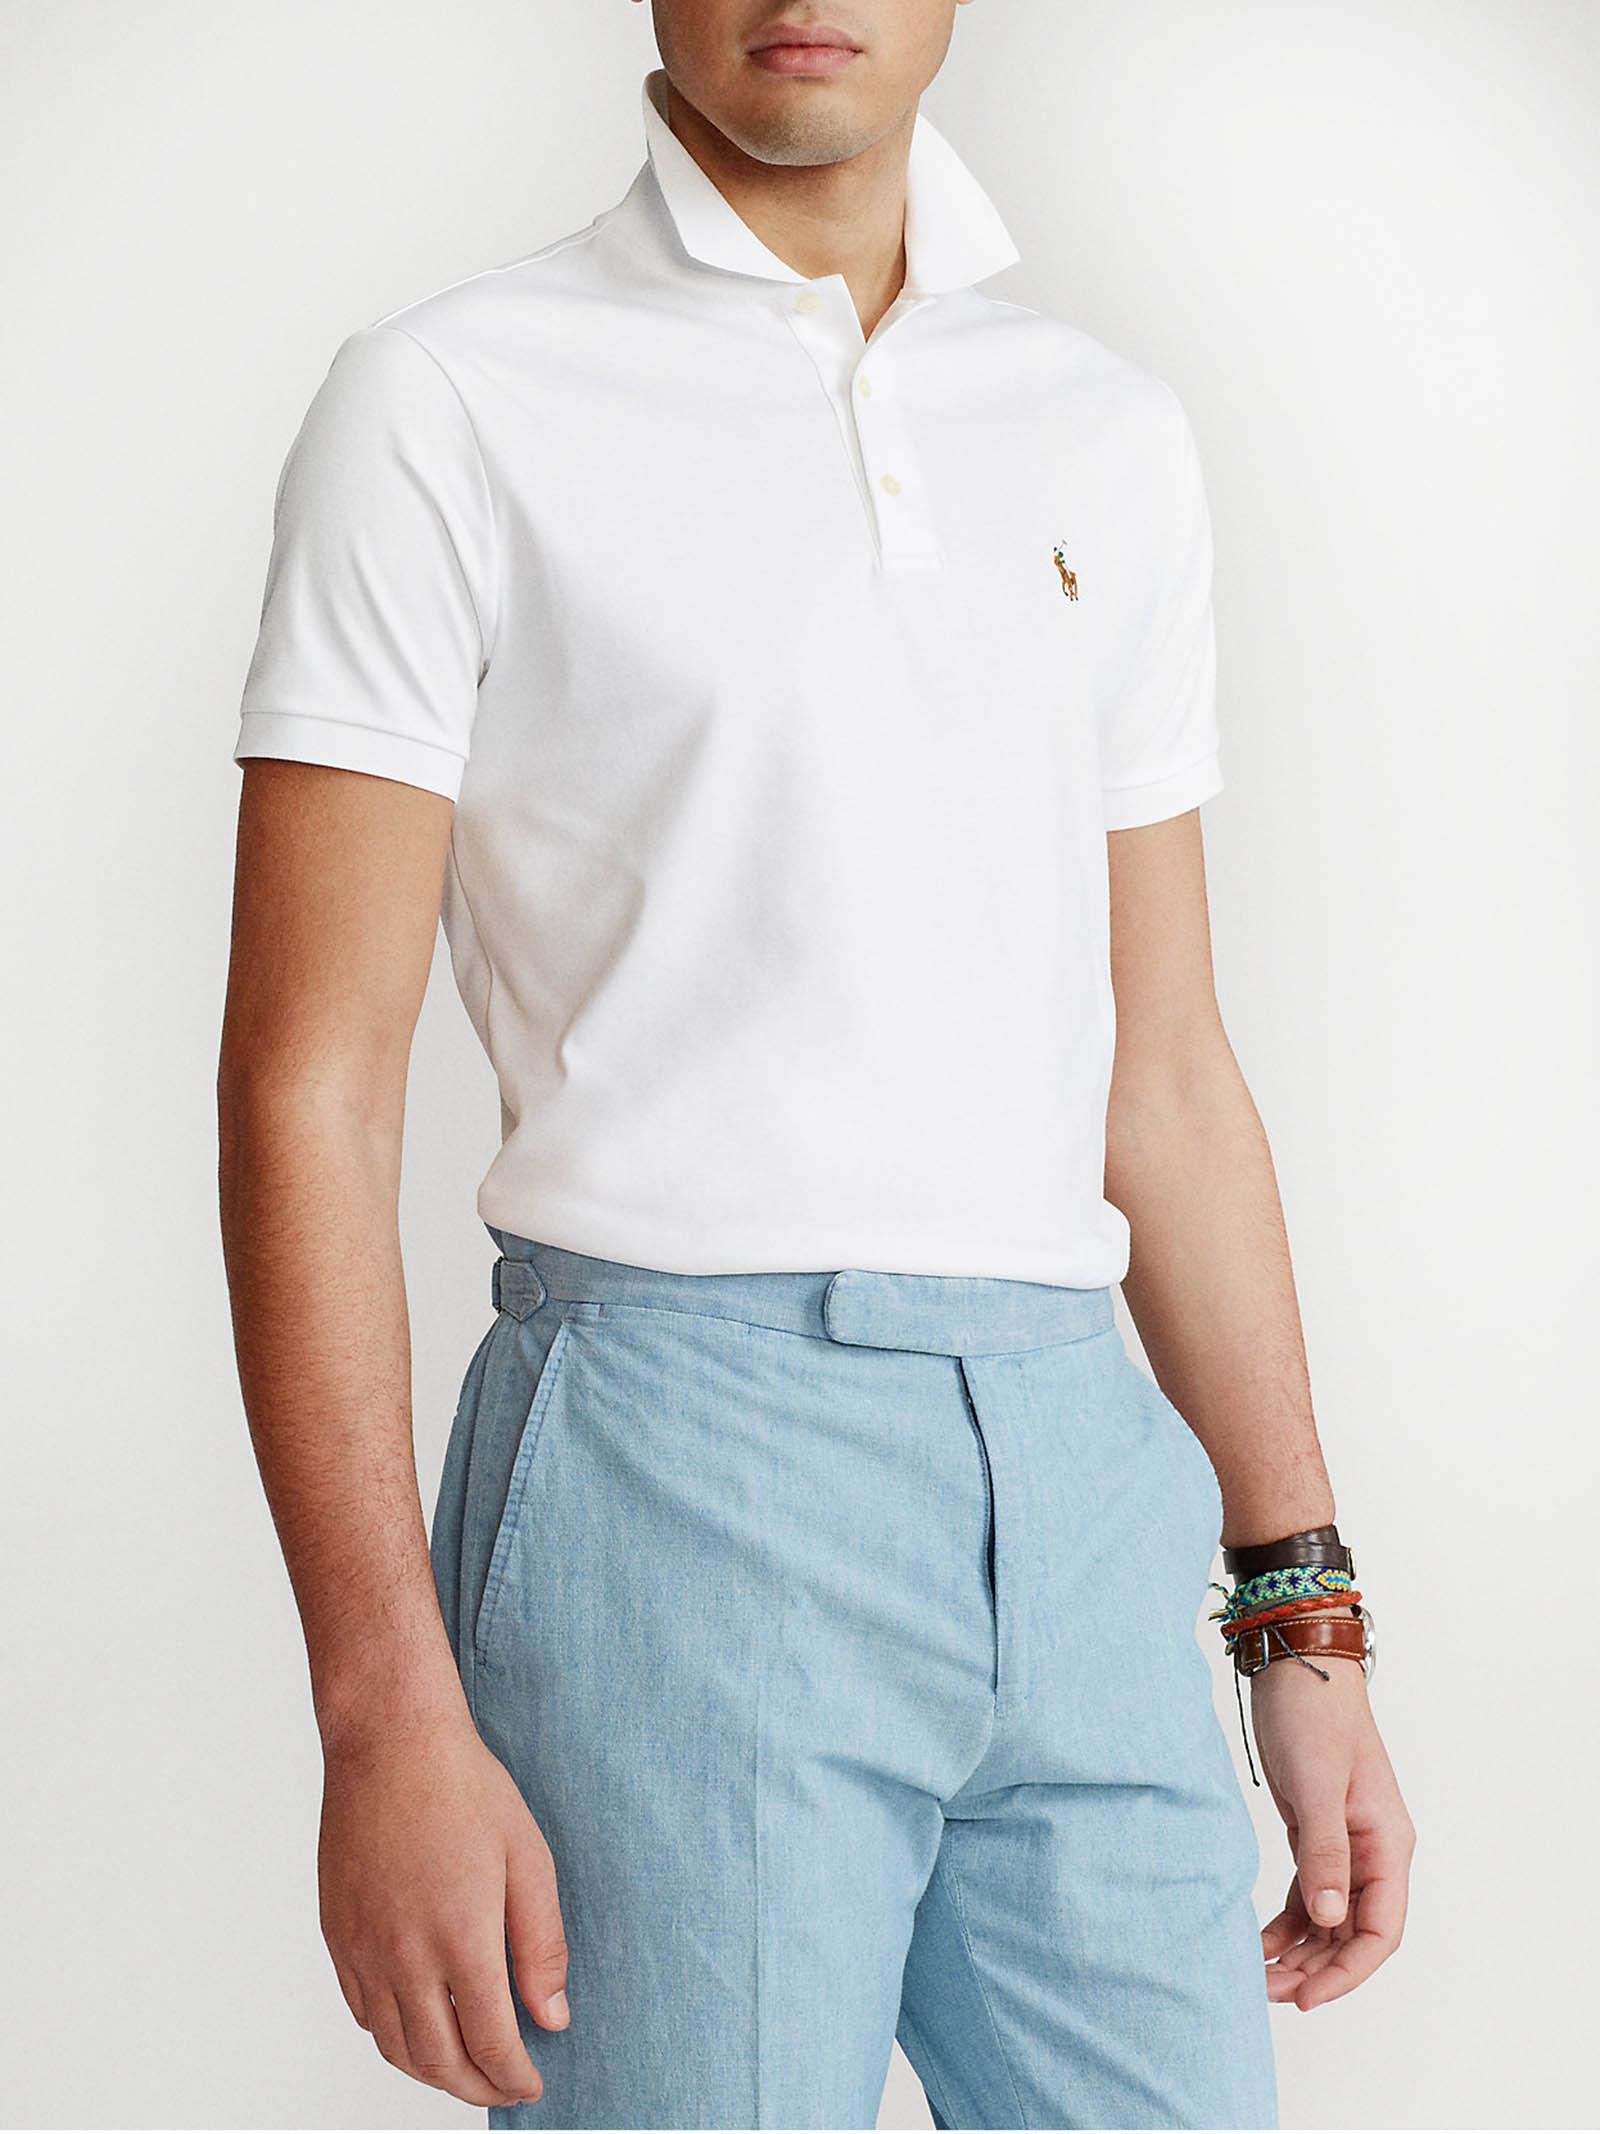 Polo in cotone morbido Slim-Fit RALPH LAUREN   Polo   710-685514001